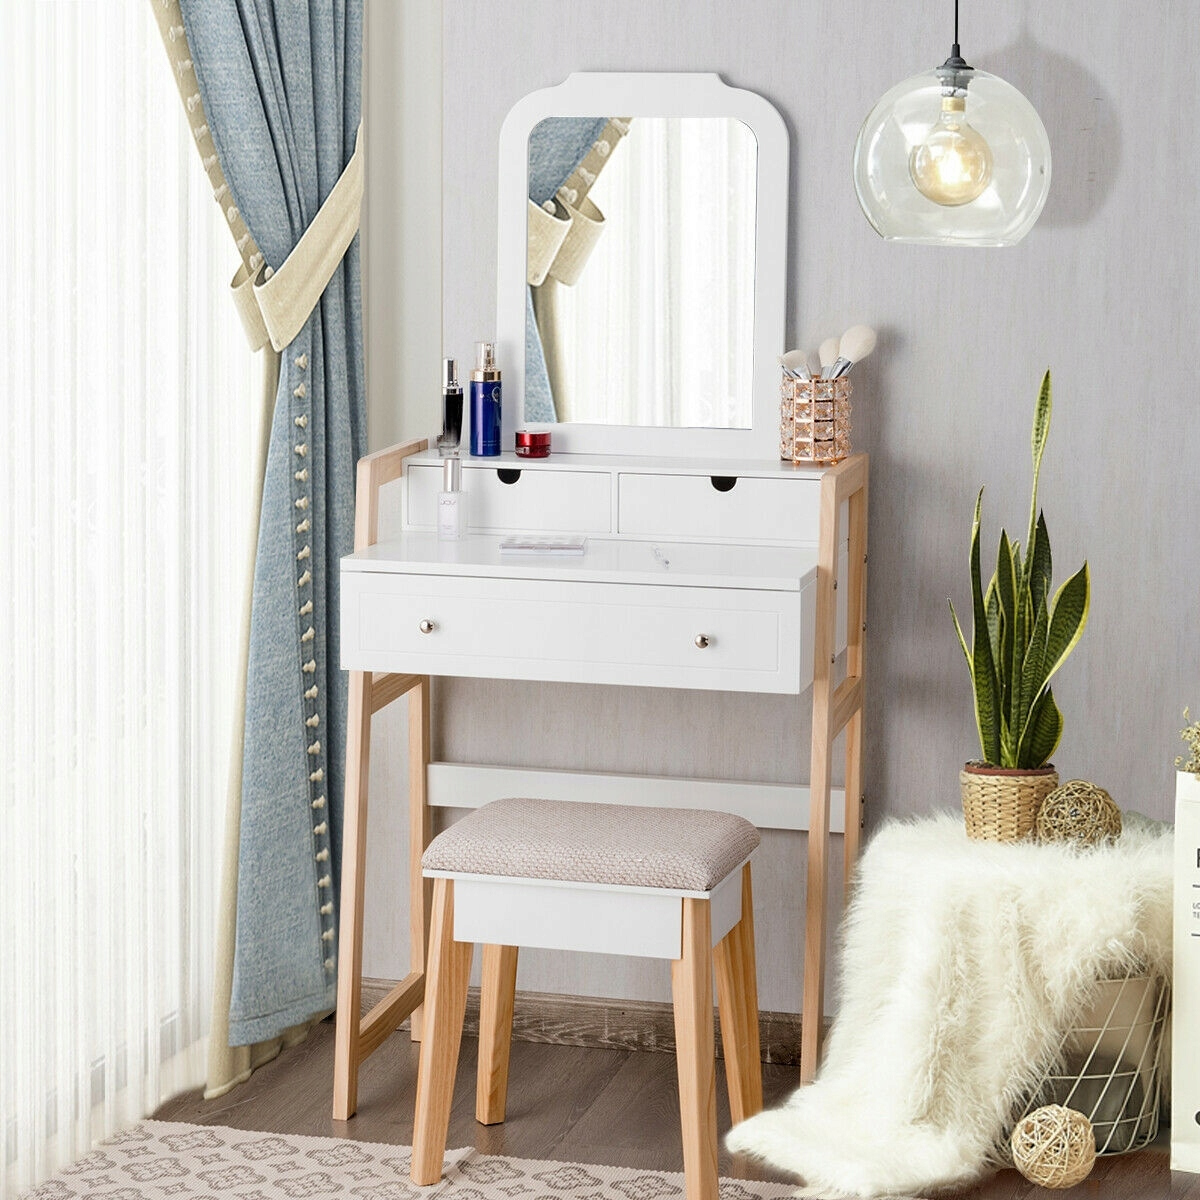 Туалетный столик COSMETIC с зеркалом new design Ширина мебели 59,5 см.